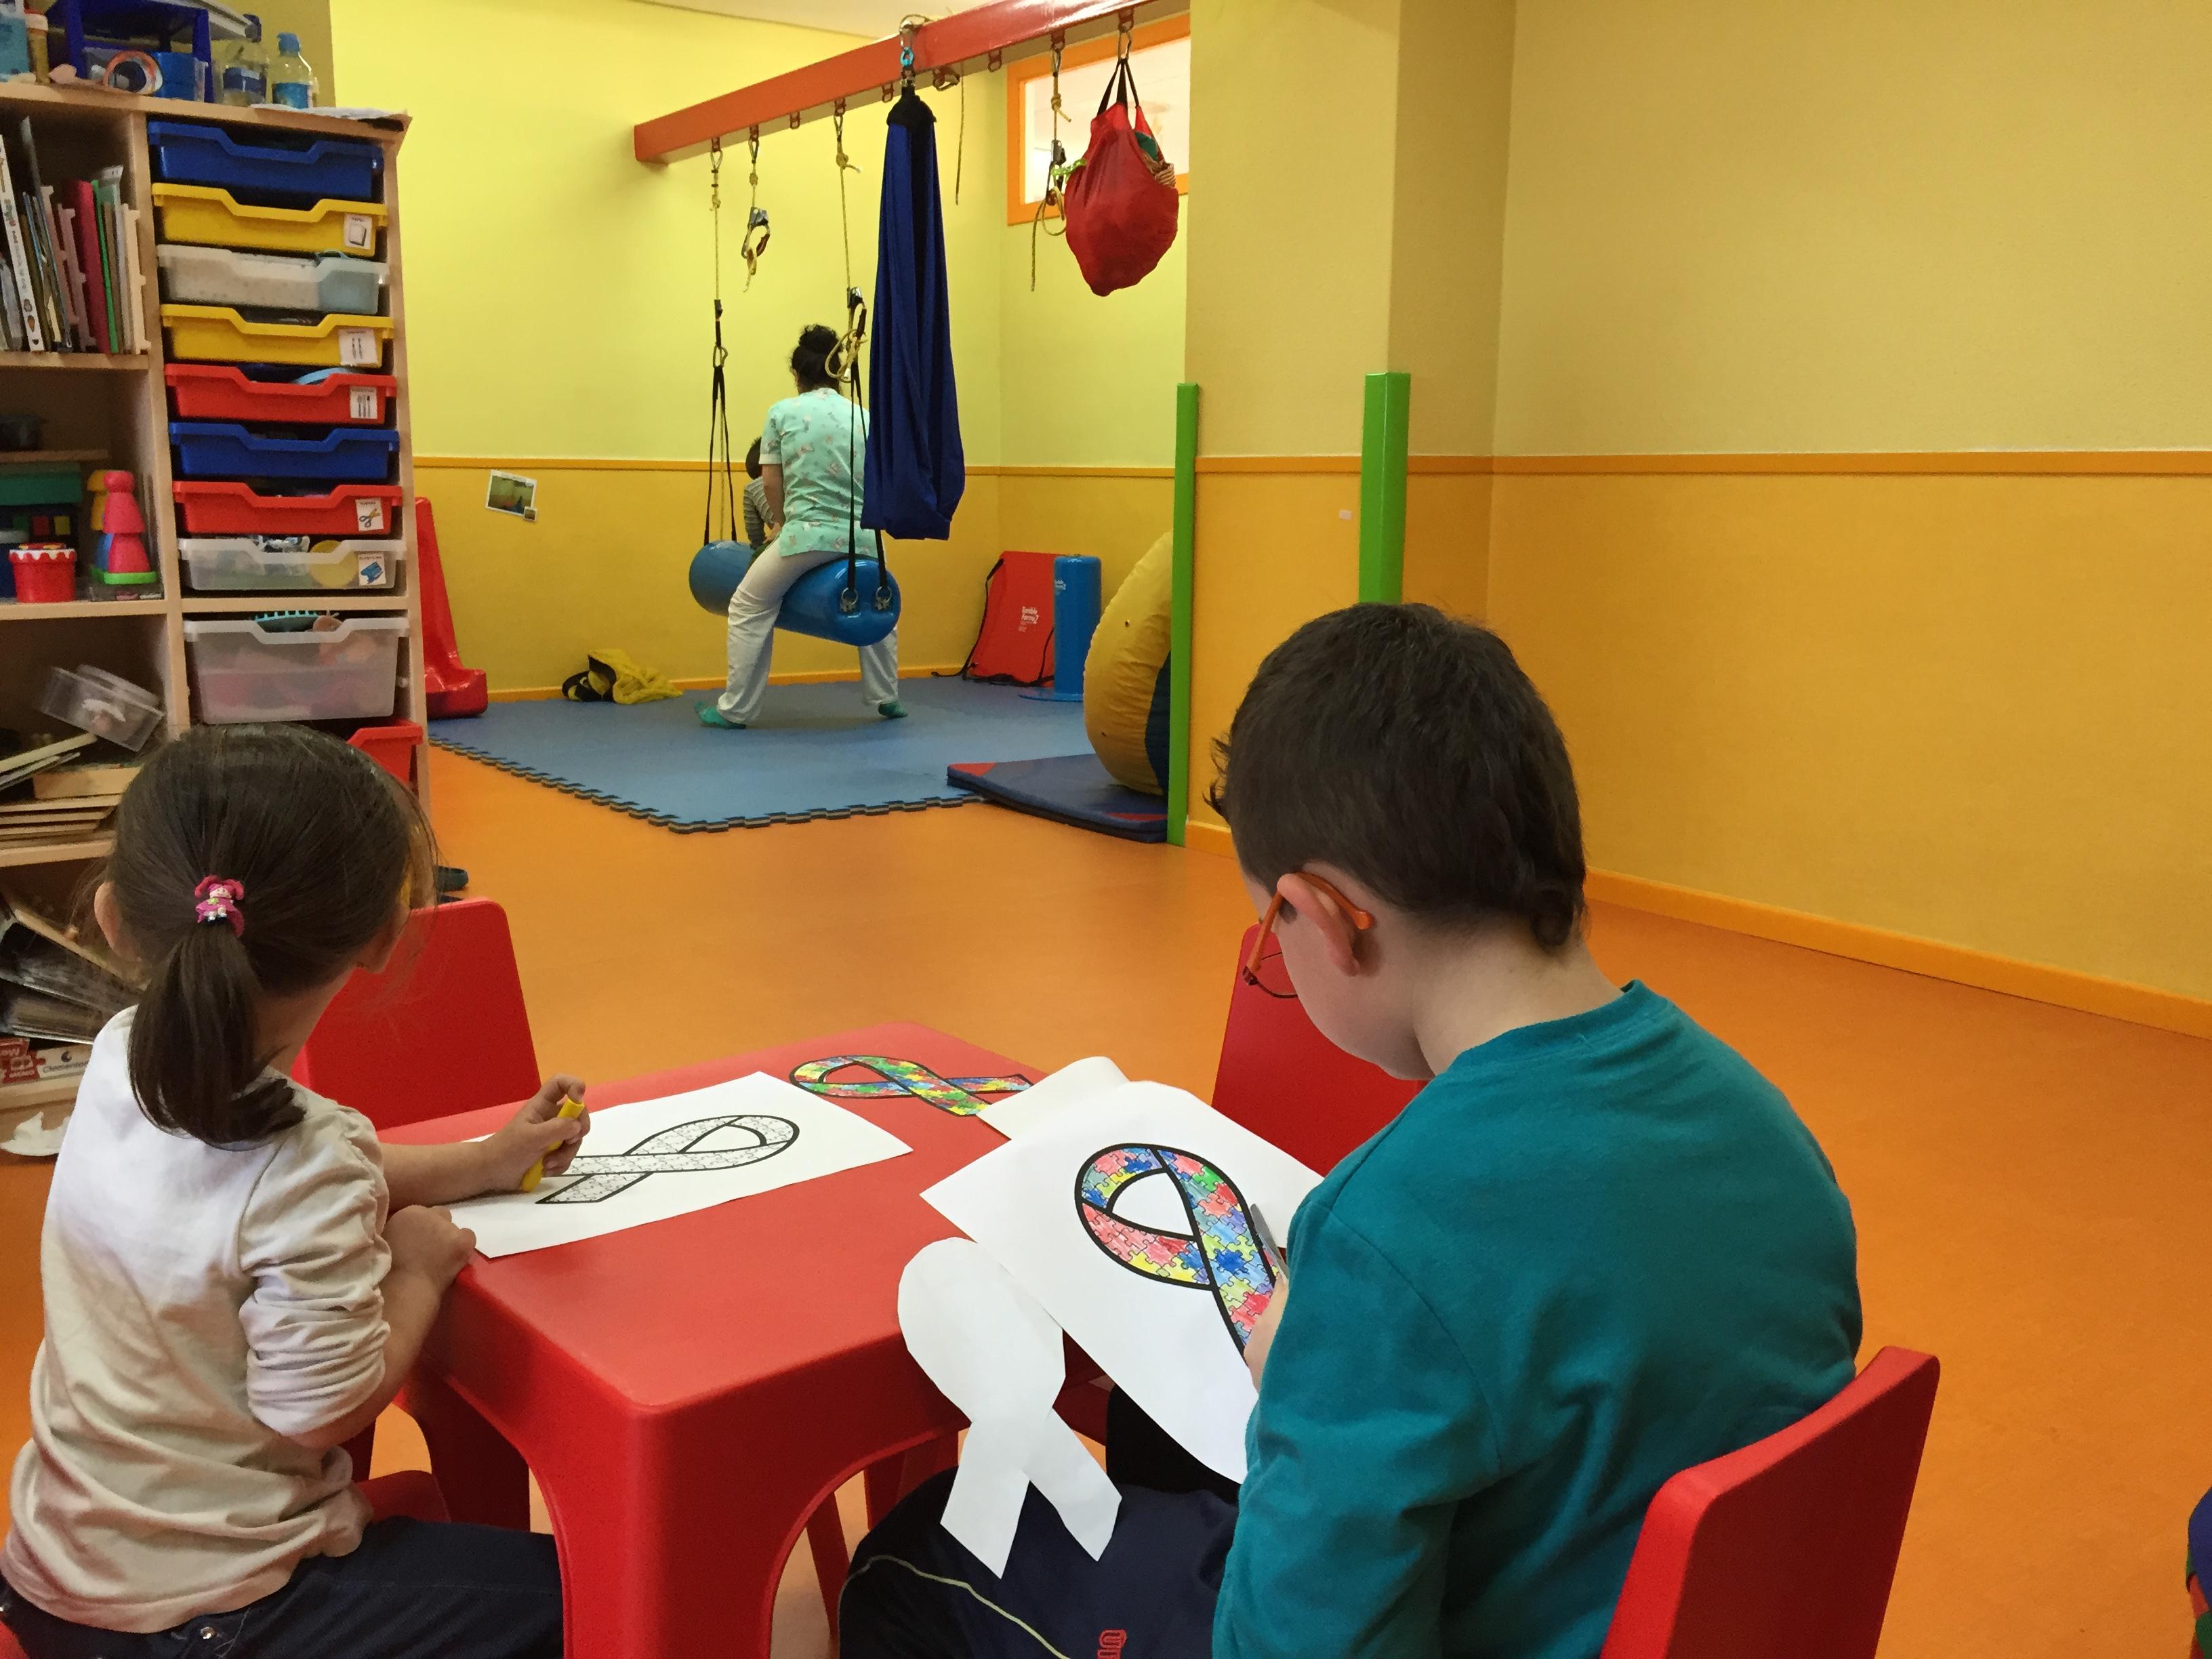 La Unidad de Neurorrehabilitación Infantil atiende de forma integral a más de 100 niños con TEA y daño cerebral.